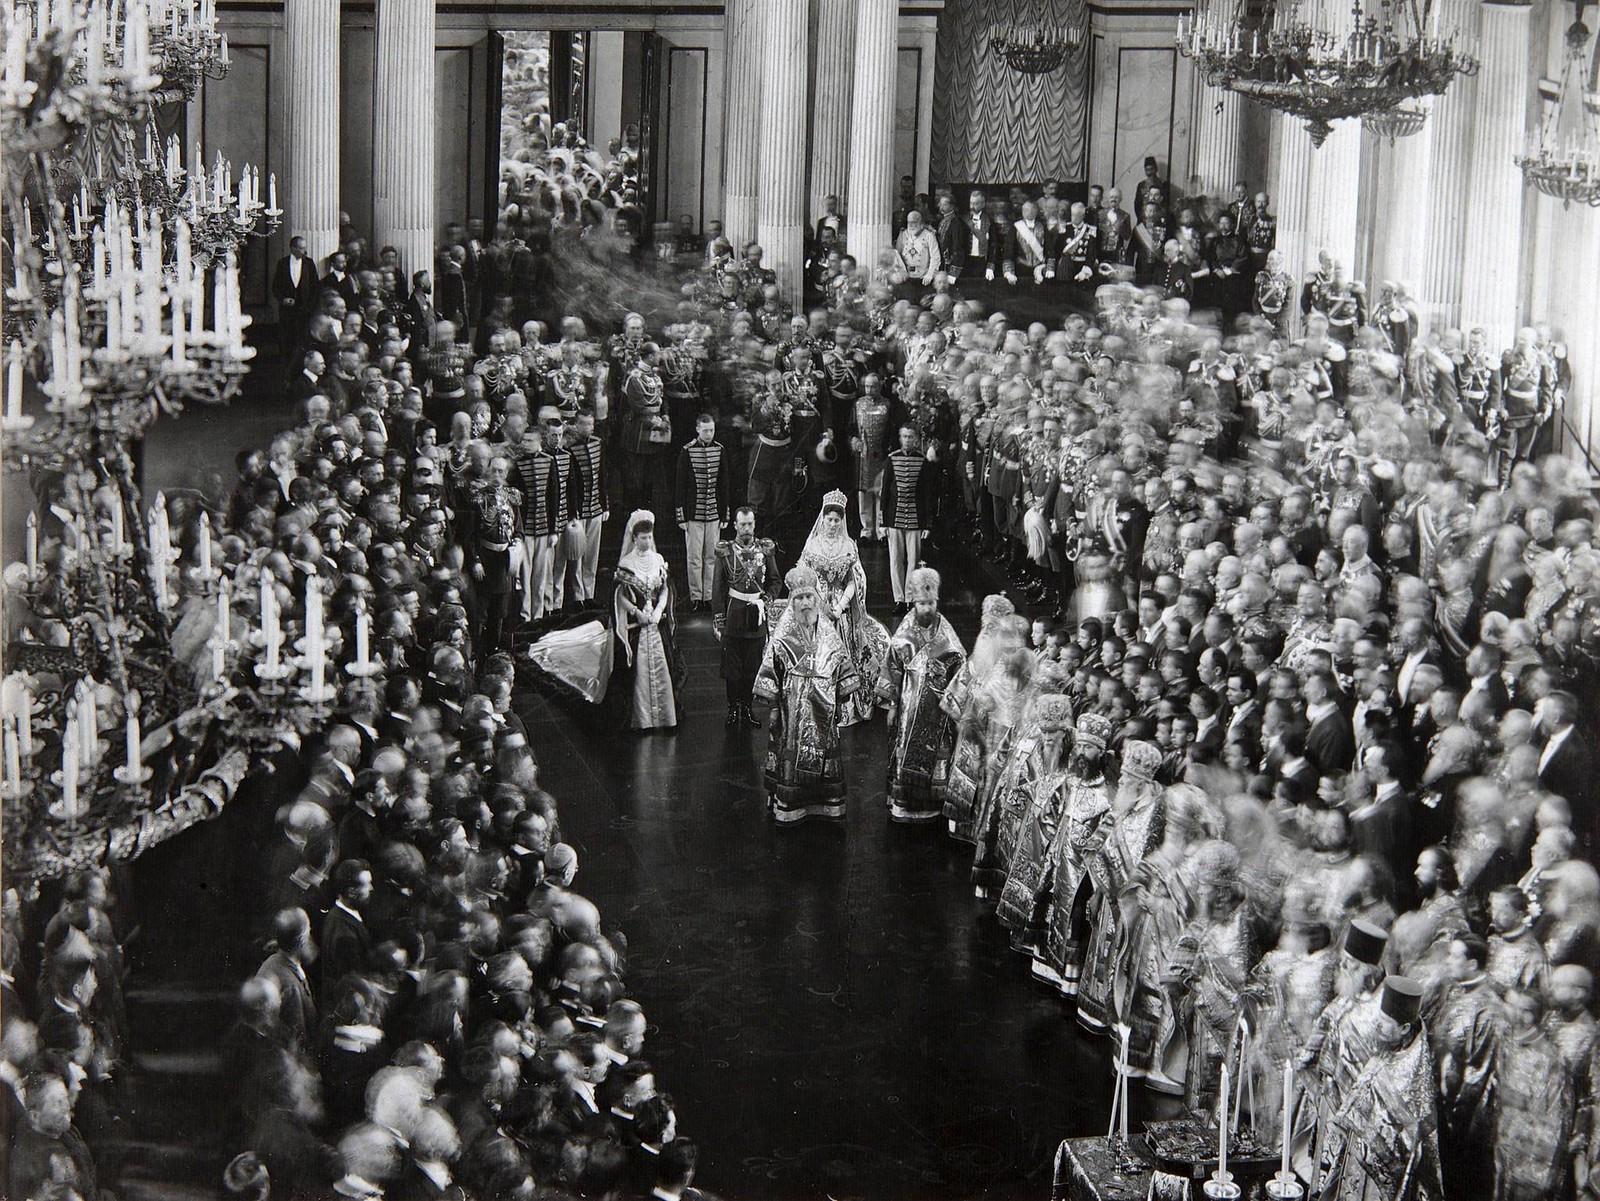 1906. Царь Николай II на церемонии открытия первой Думы, Санкт-Петербург